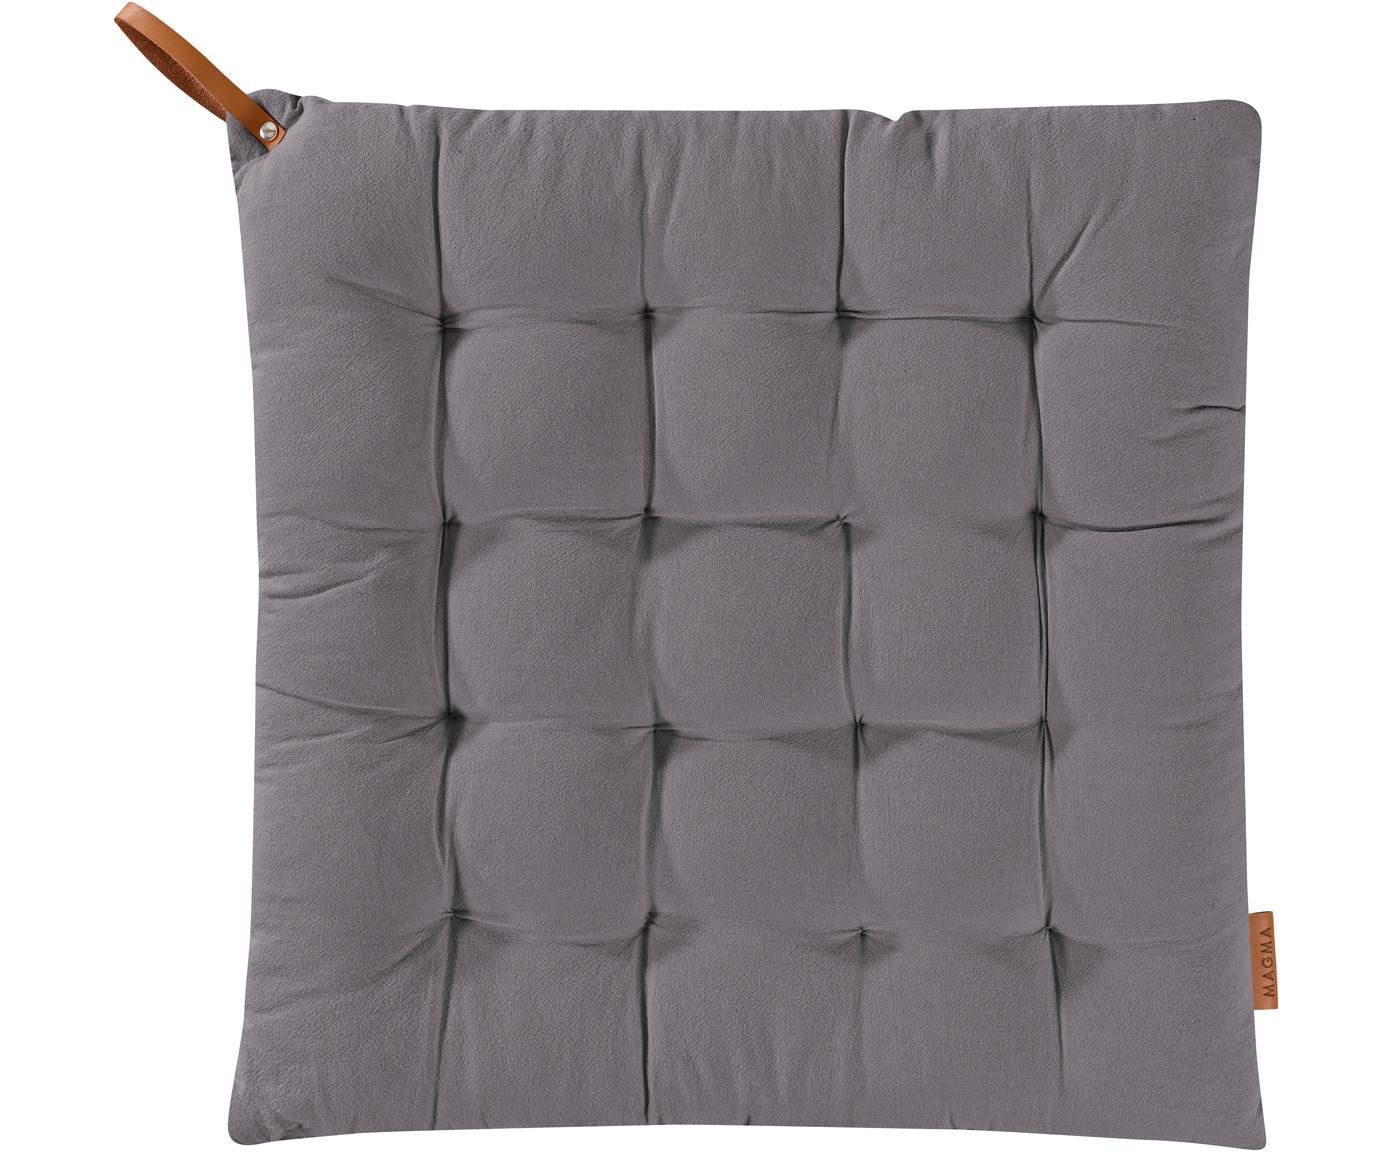 Poduszka na siedzisko Billie, Bawełna, Antracytowy, S 40 x D 40 cm